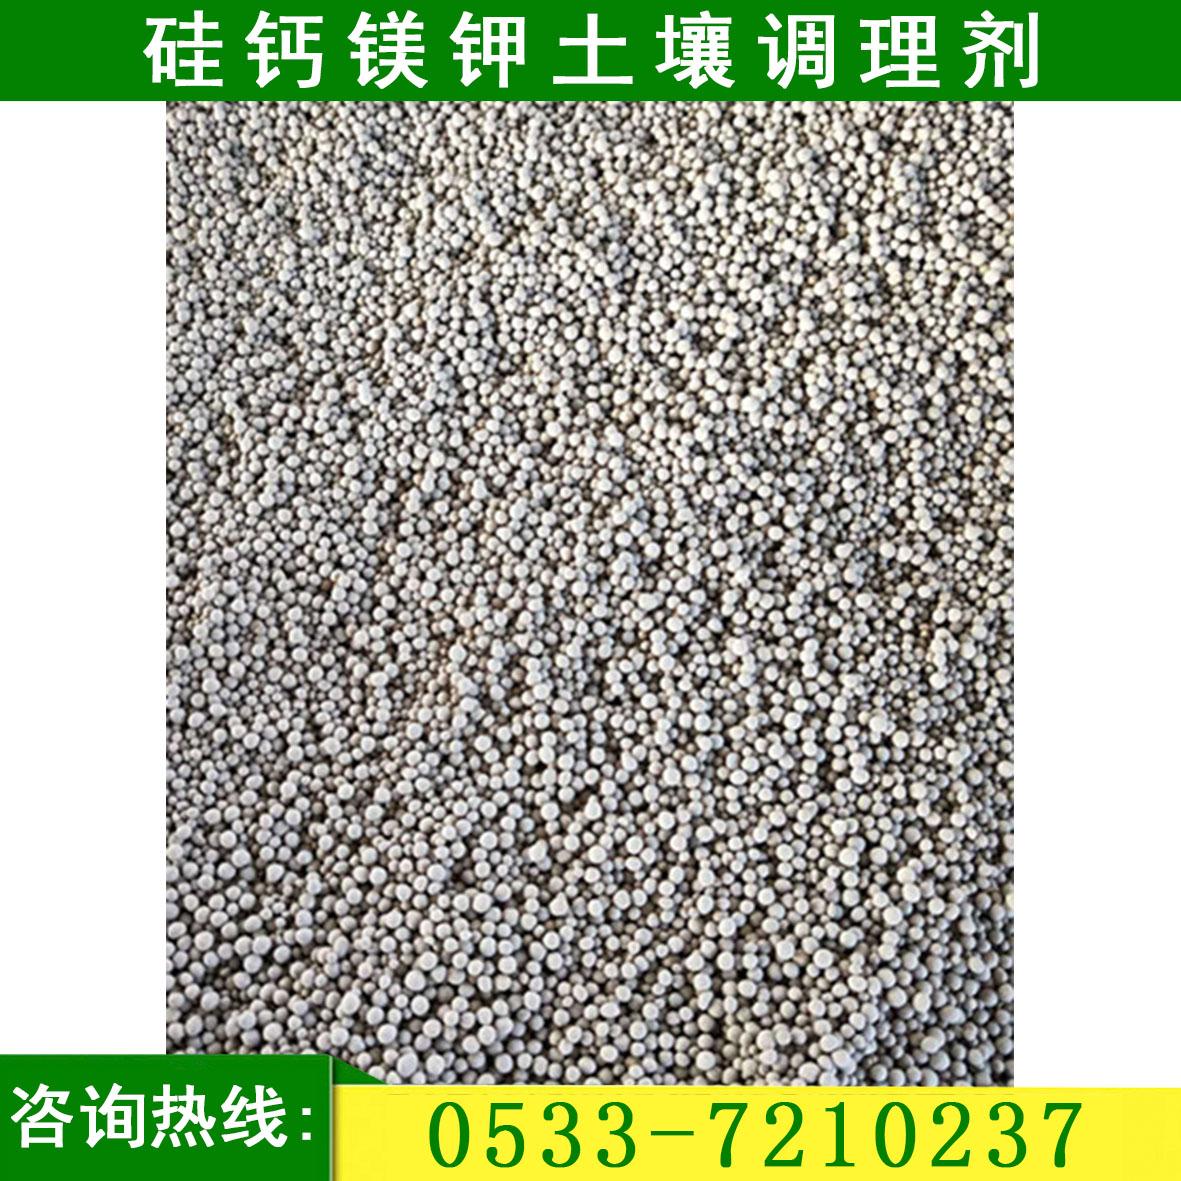 硅钙镁钾土壤调理剂 硅钙镁钾土壤调理剂厂家